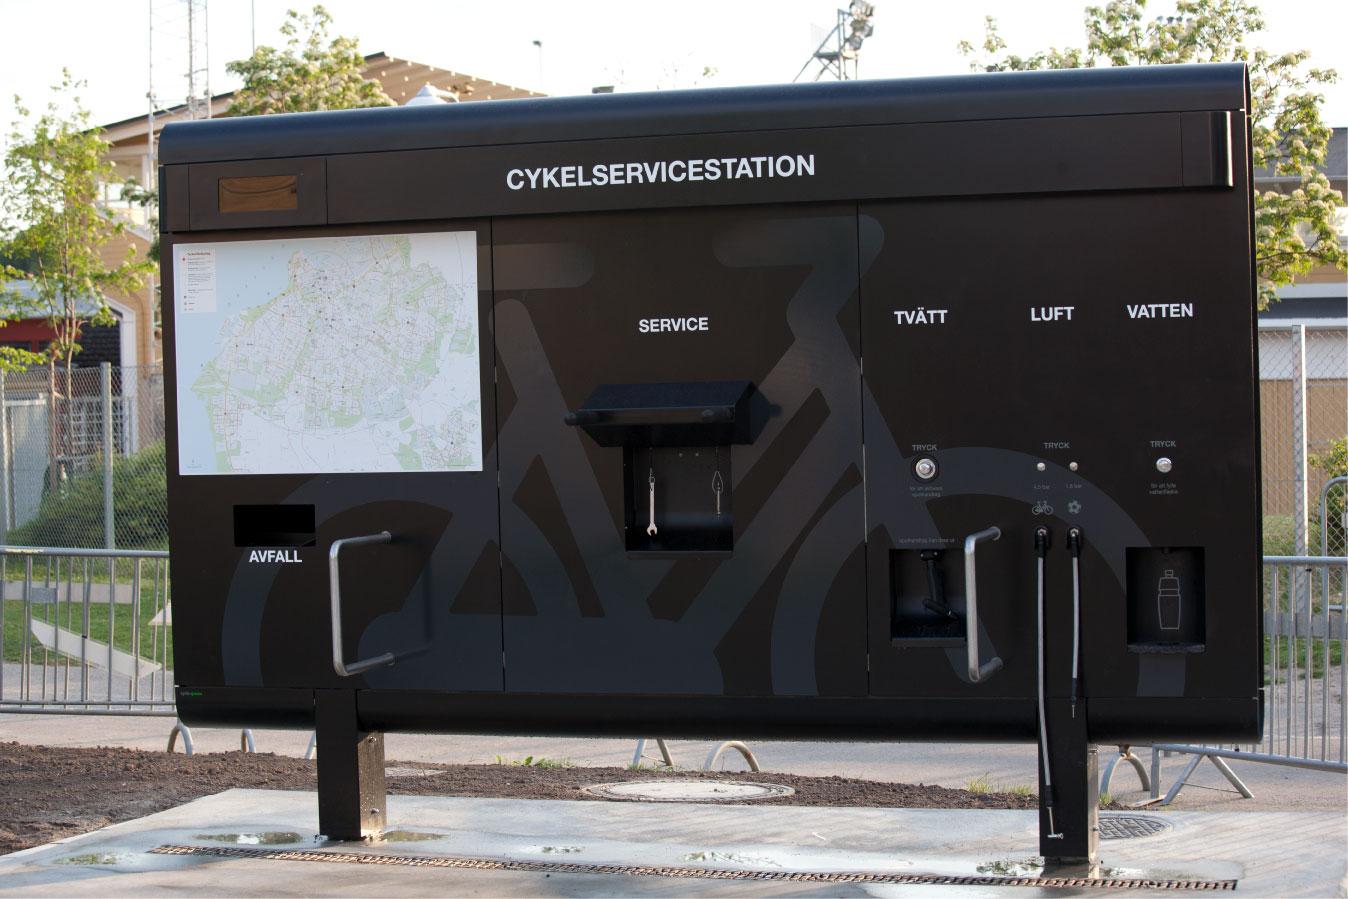 Sykkelservicestasjonen GRAND 3600 løfter sykkelservicen til et nytt nivå. Her er det mulighet for å pumpe, rengjøre, mekke og fylle vannflasken.